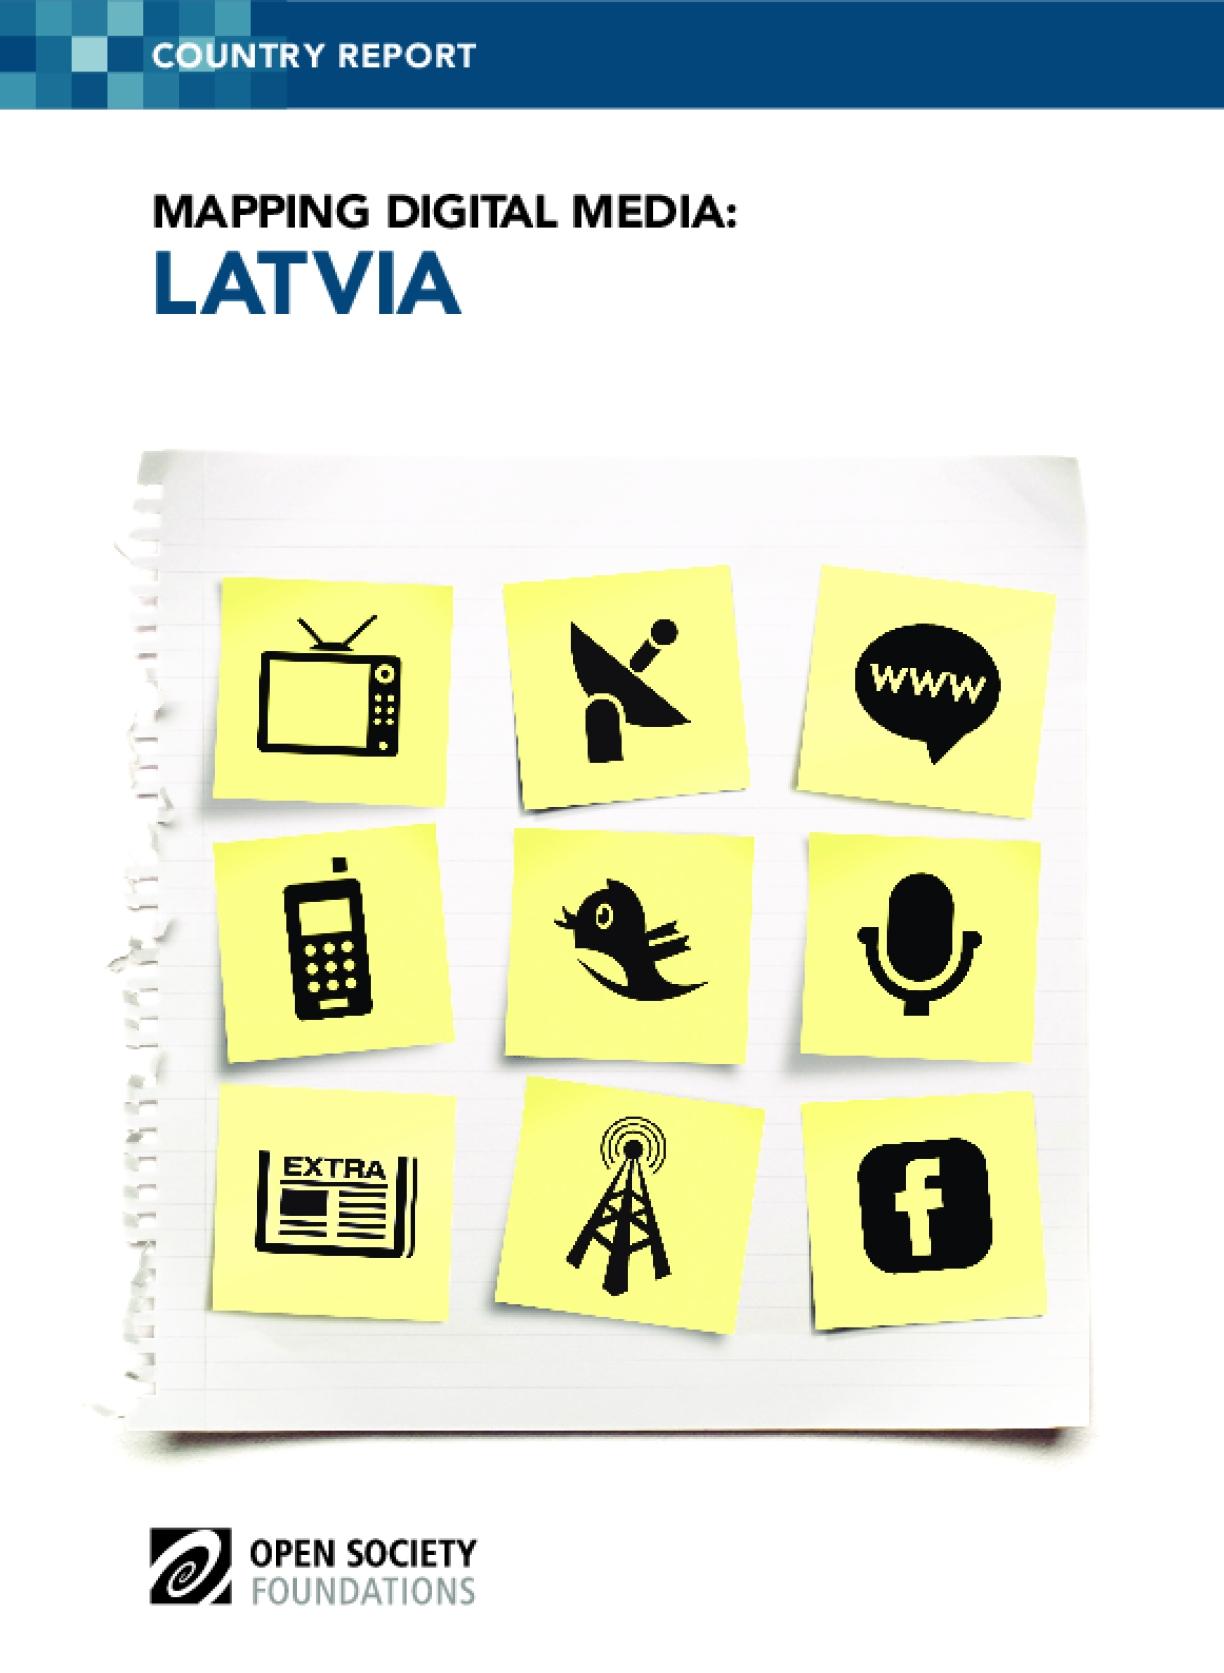 Mapping Digital Media: Latvia